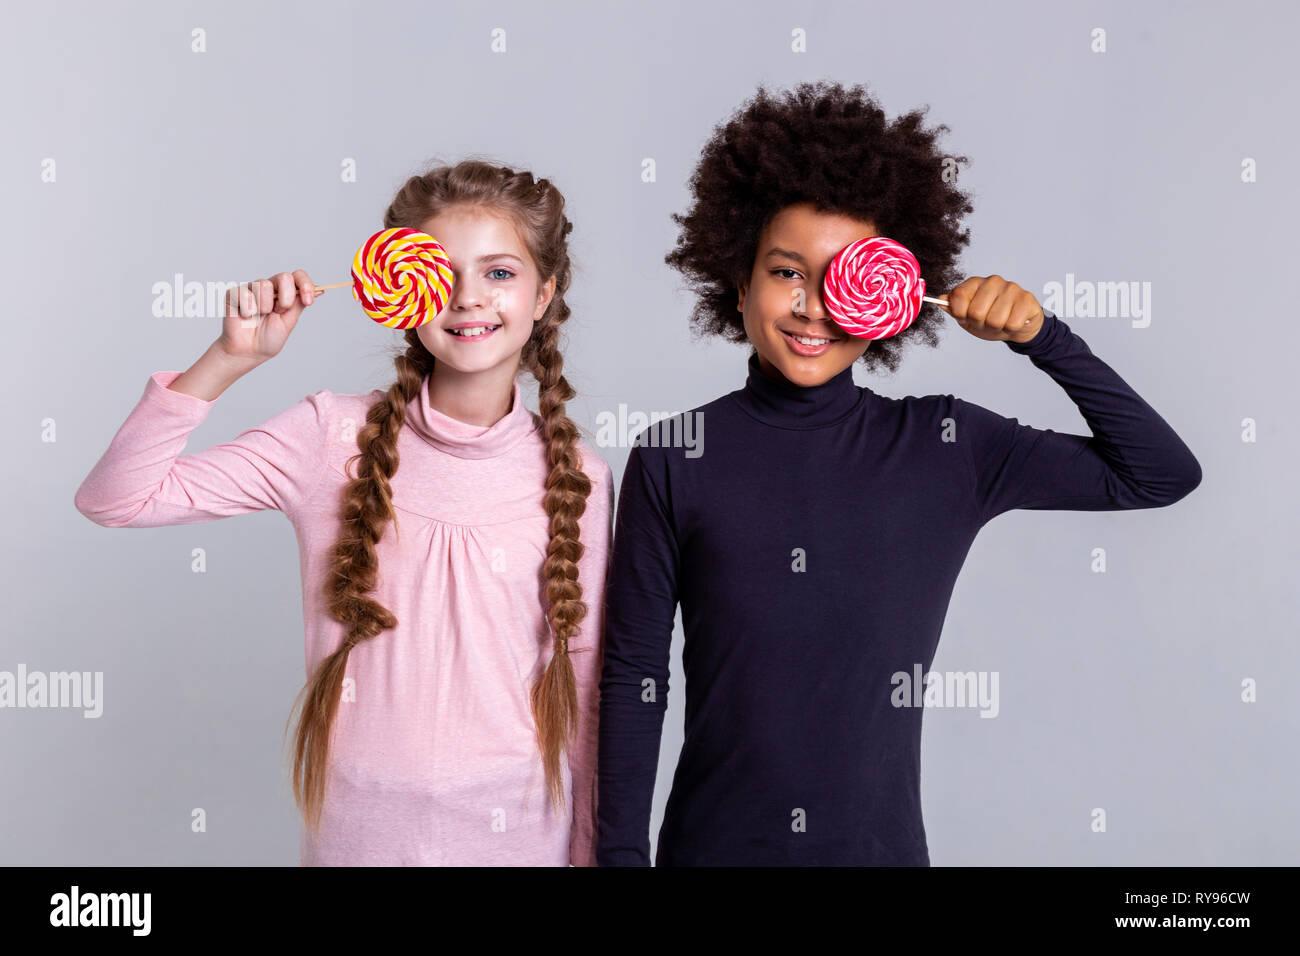 Smiling beaming kids wearing turtlenecks while making photos - Stock Image